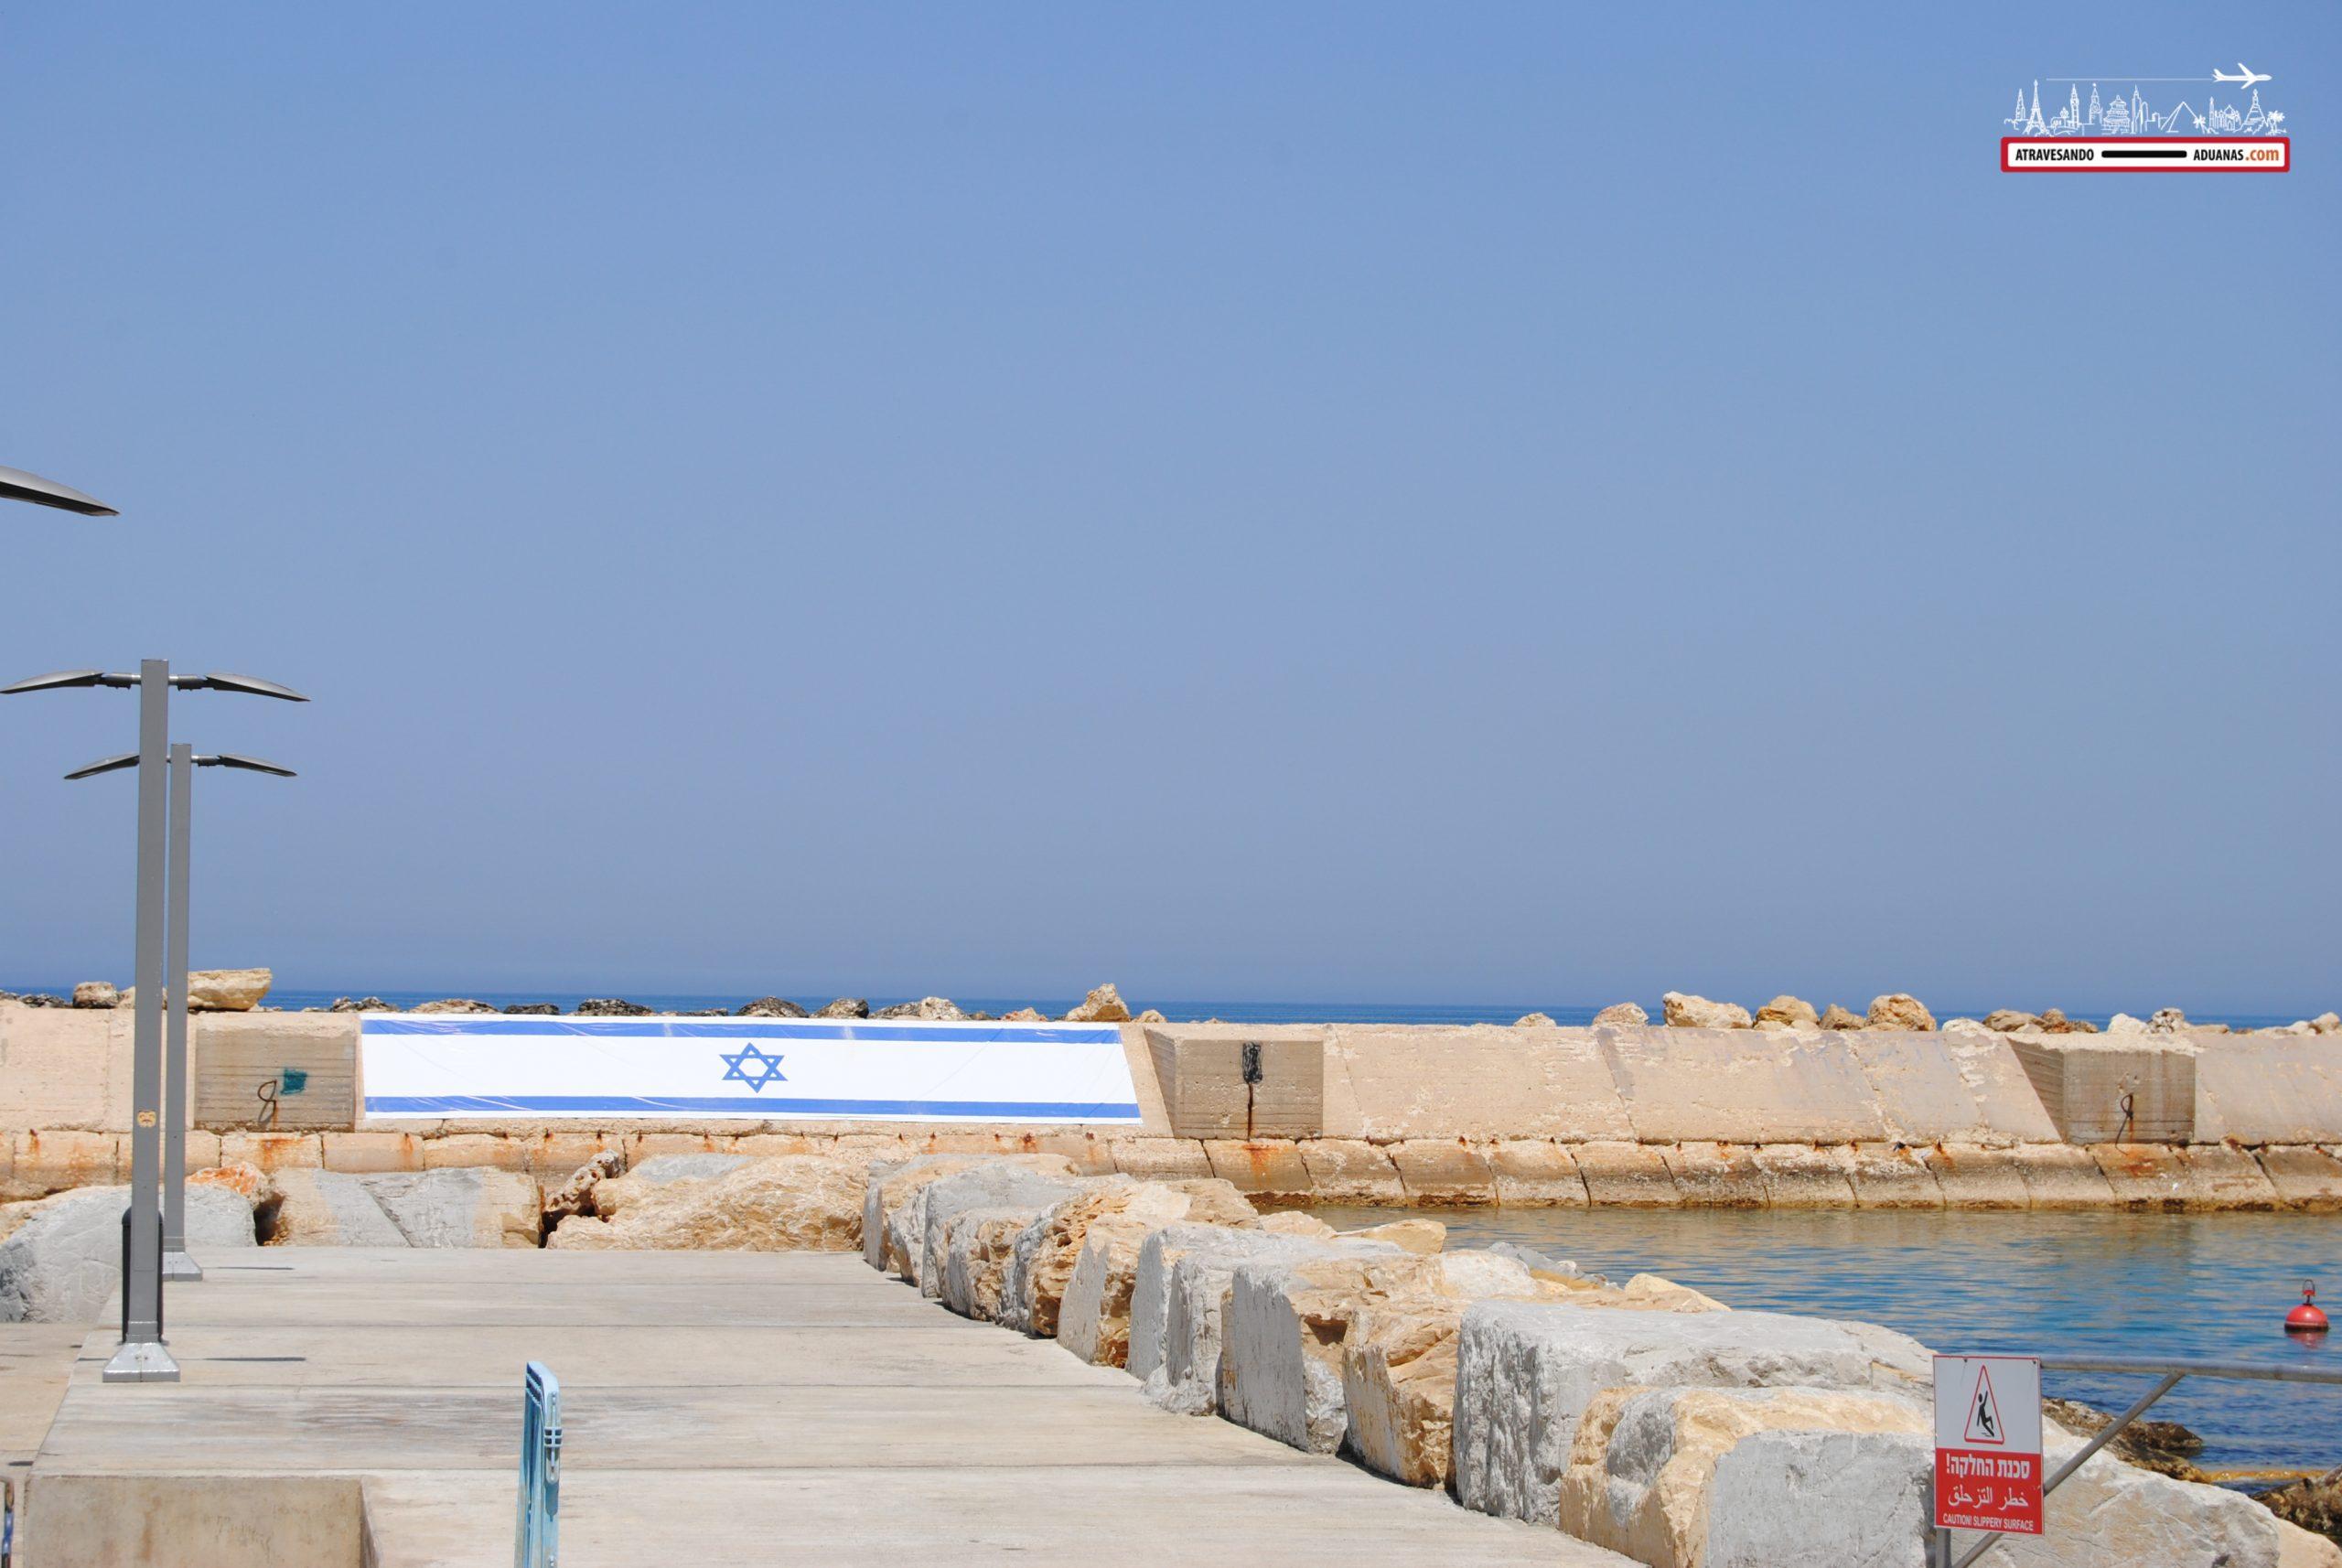 Bandera de Israel en Jaffa